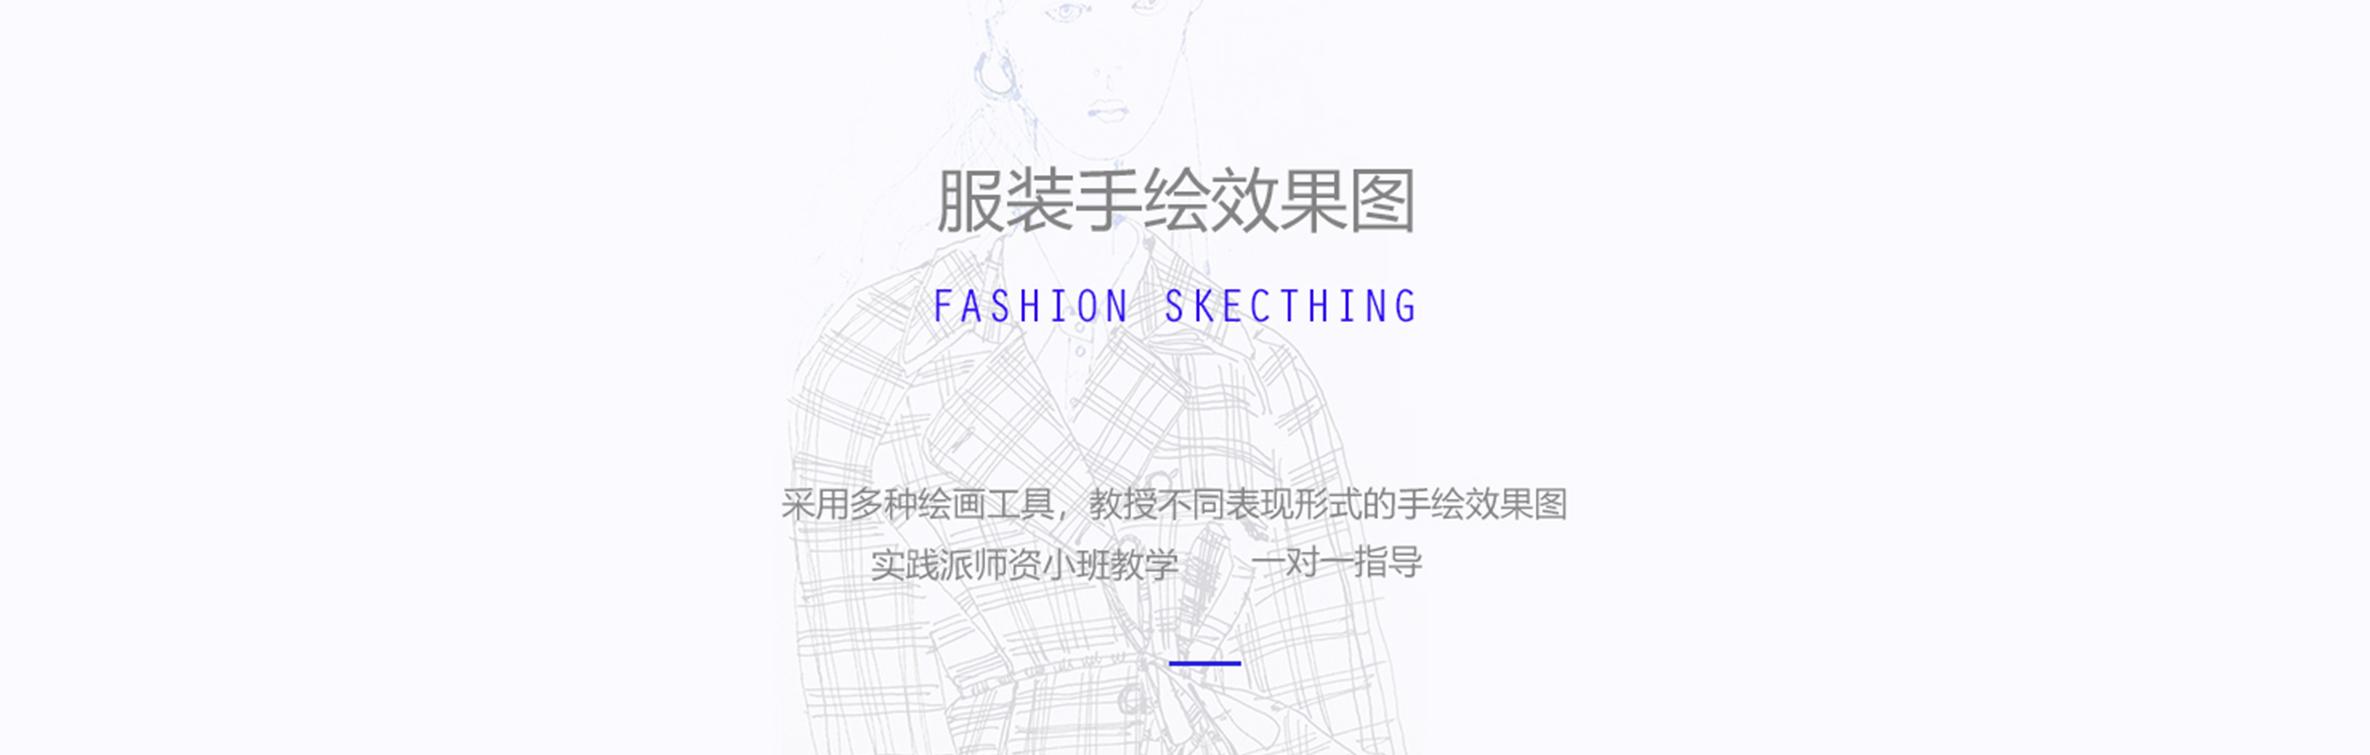 服装手绘效果图技法课程、手绘效果图、课程内容